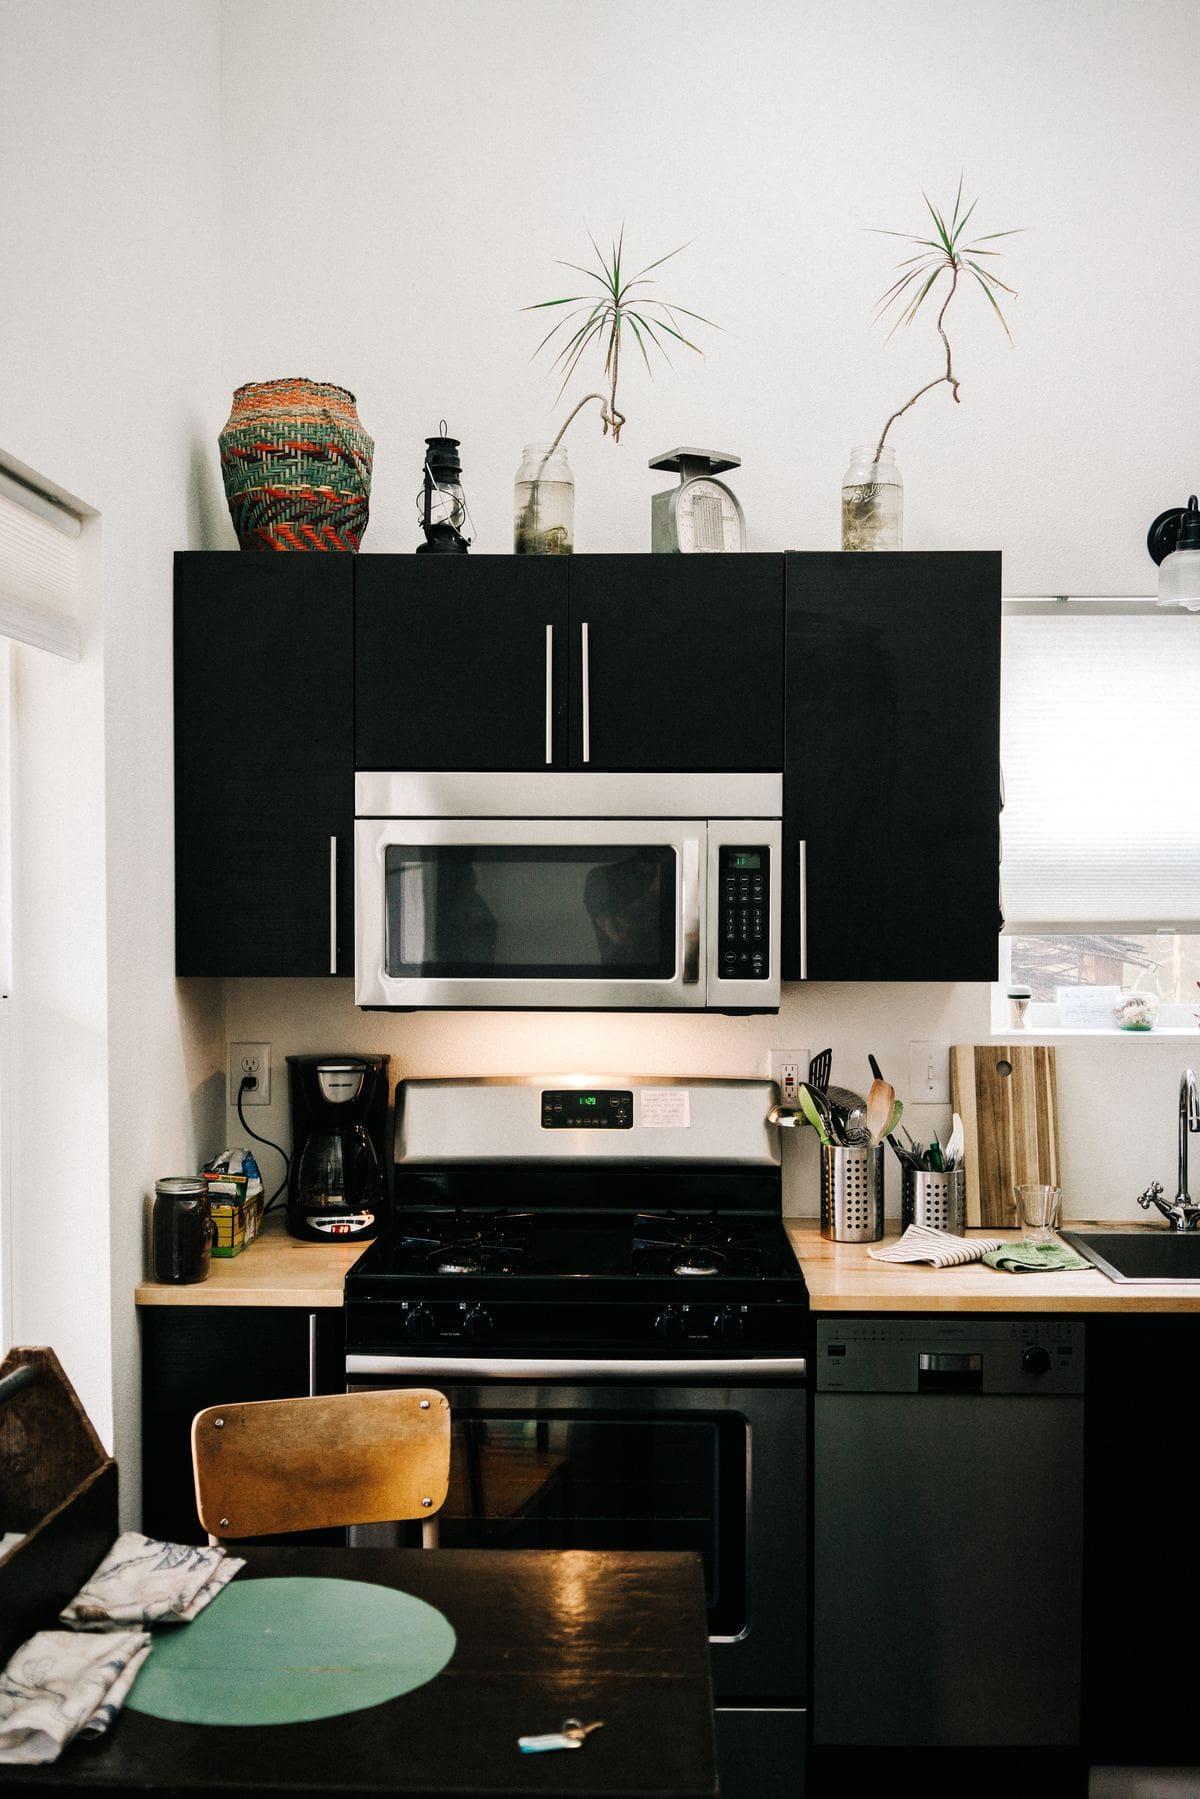 cucina stretta e lunga_4 | MAN Casa